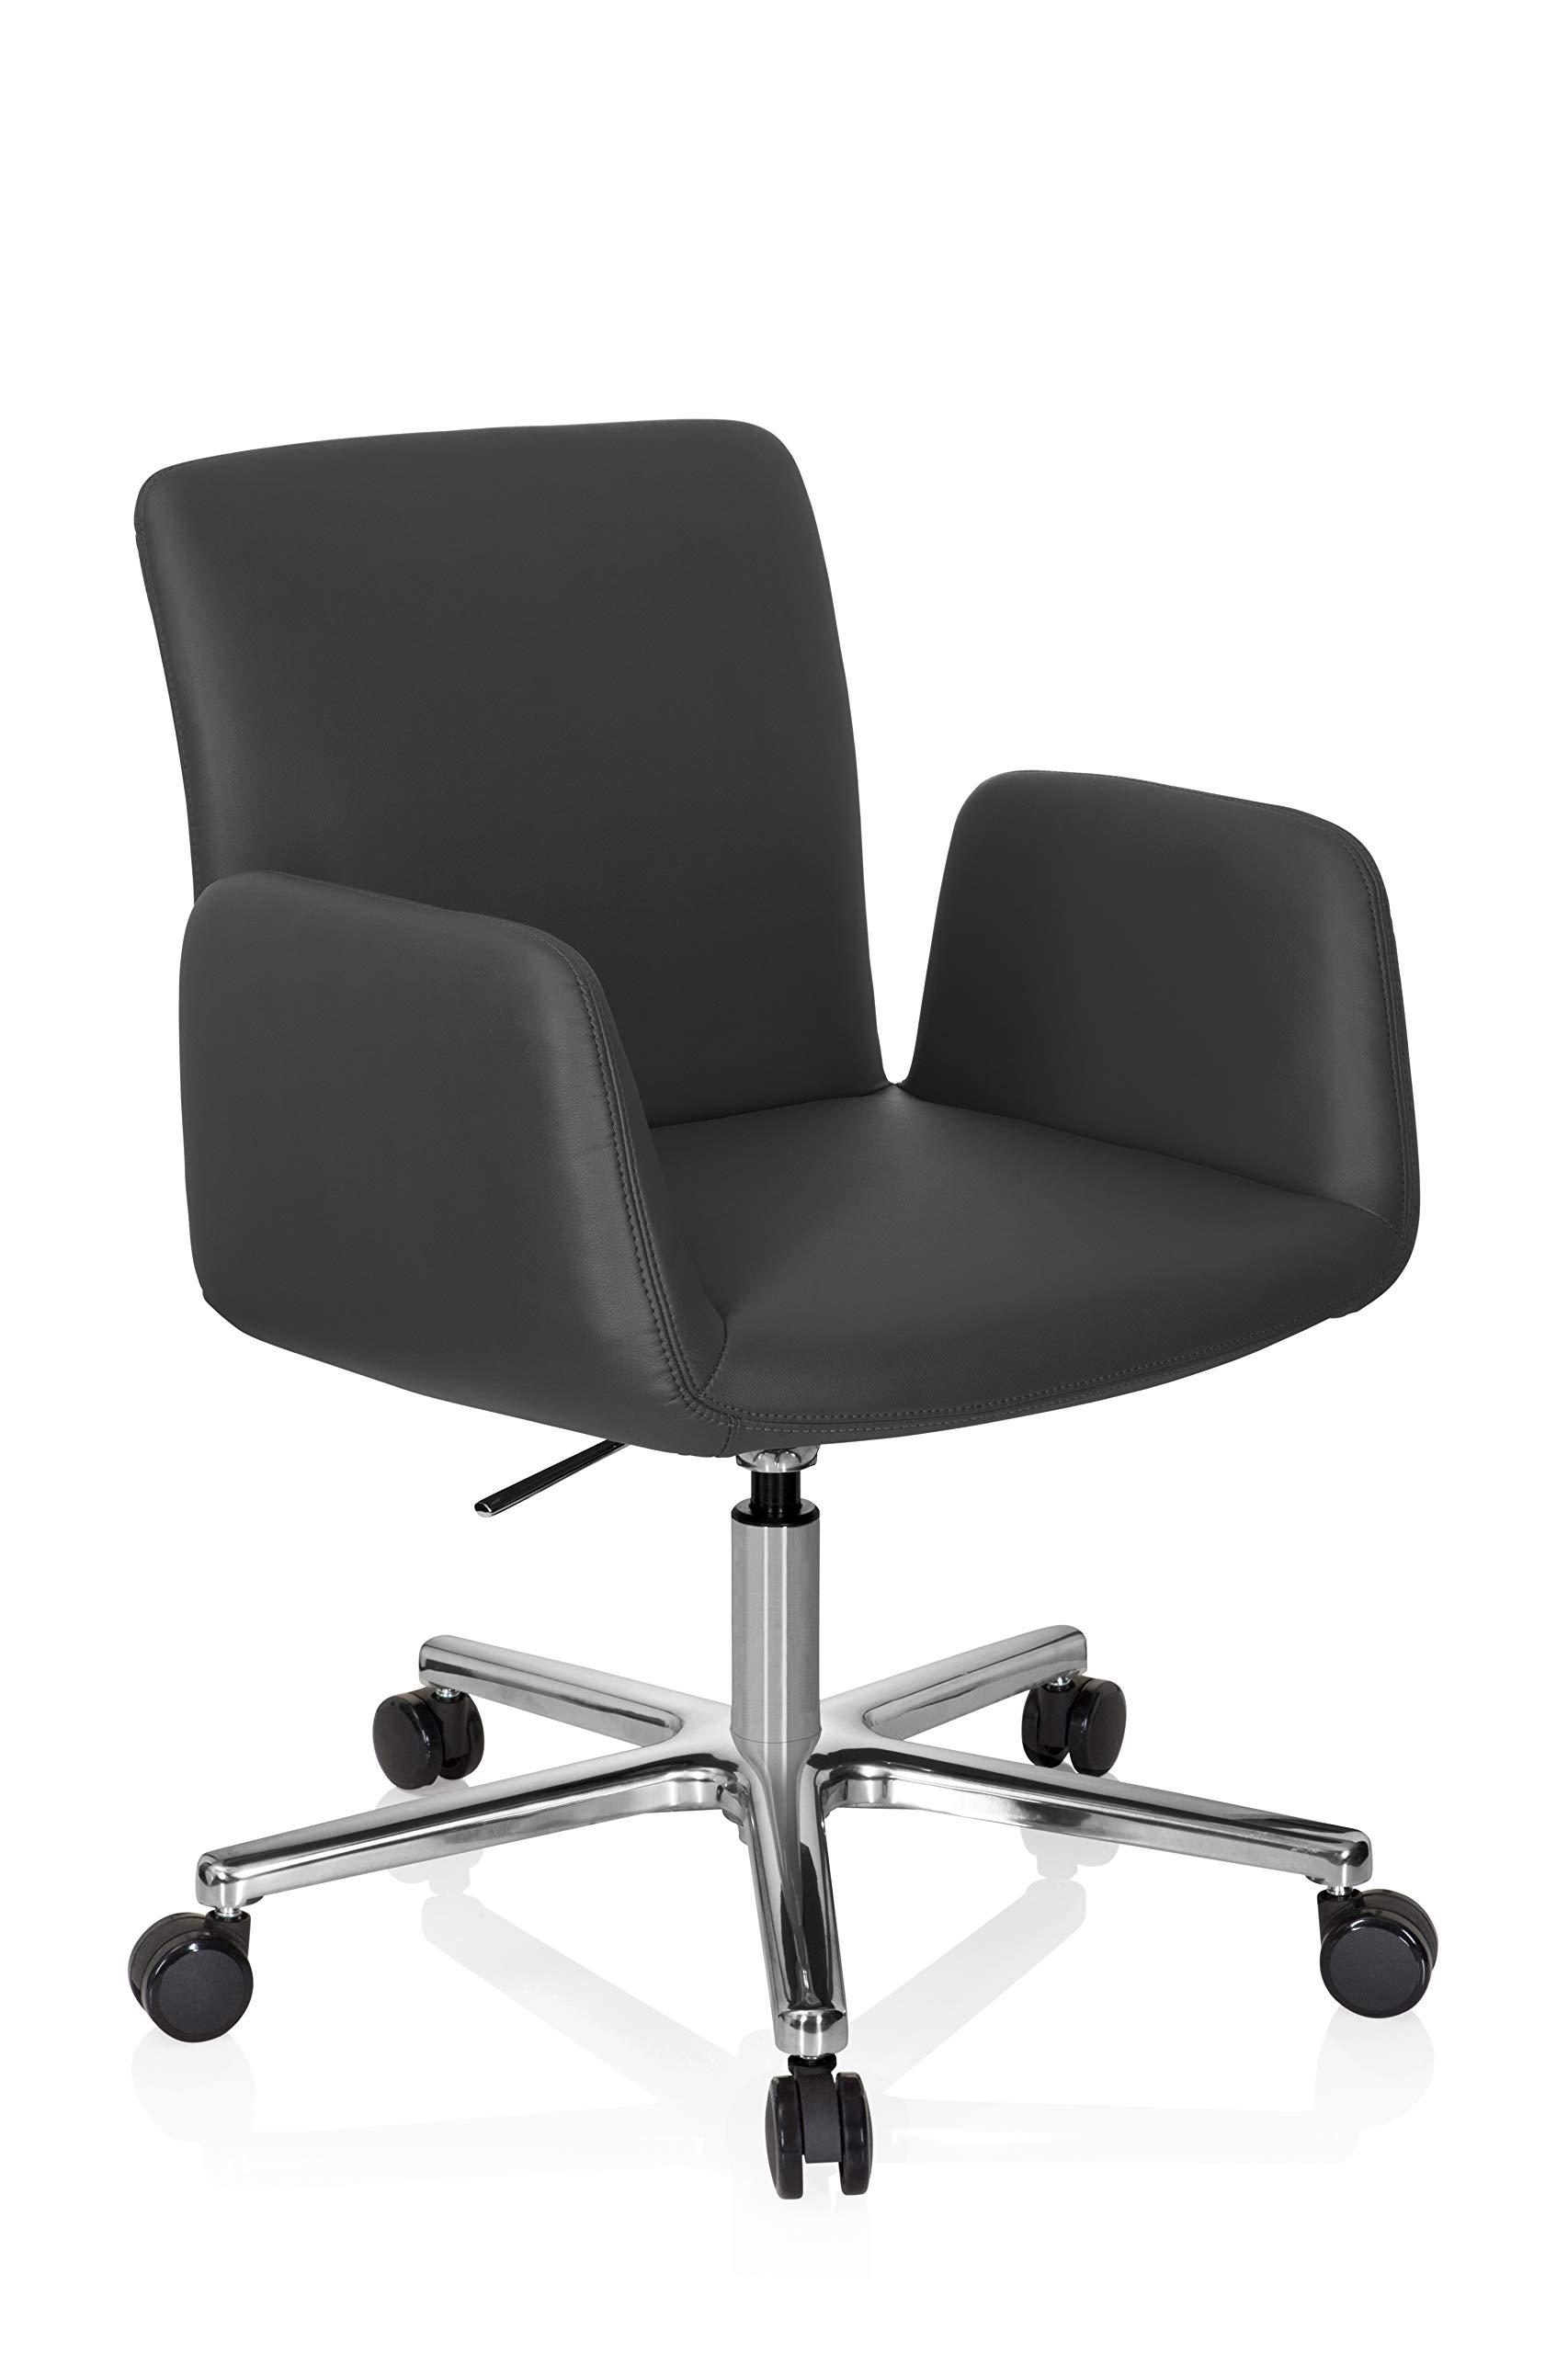 Sedia da Ufficio SixBros Sedia da scrivania Girevole Grigio 0704M//2488 Sedia da Ufficio o Home-Office Regolabile in Altezza Sedia direzionale in Tessuto